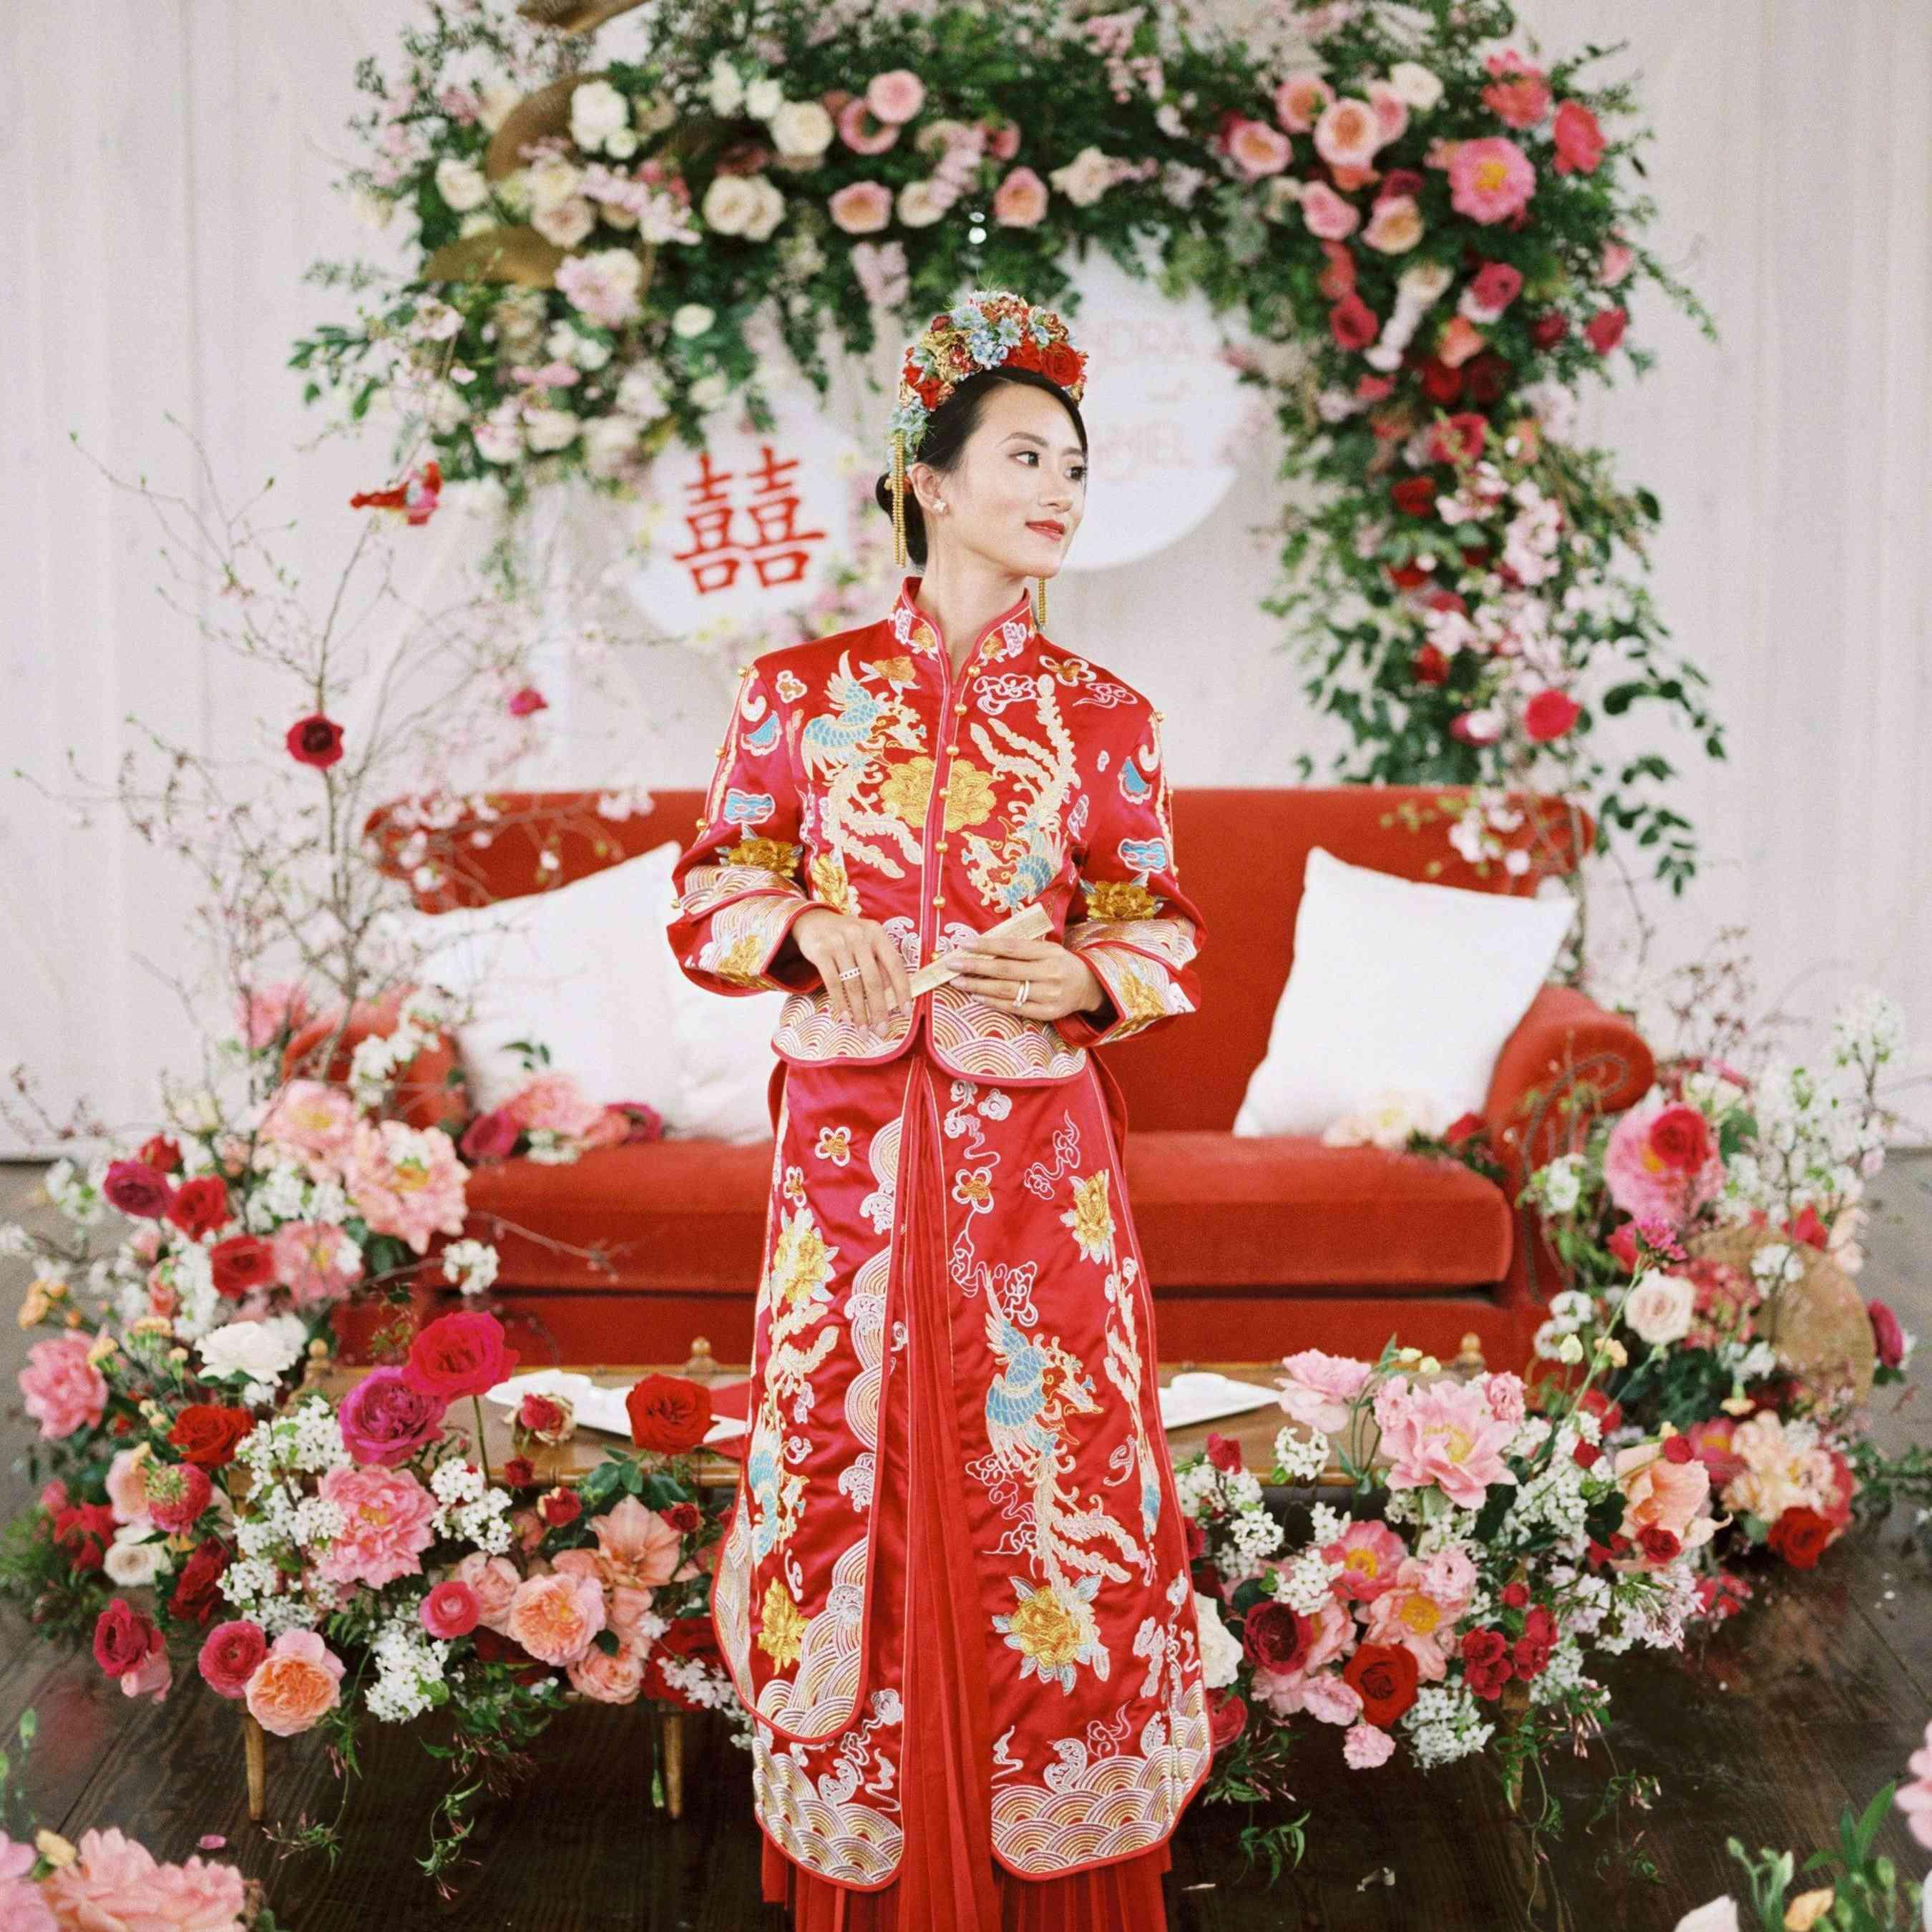 East Meets Dress wedding dress